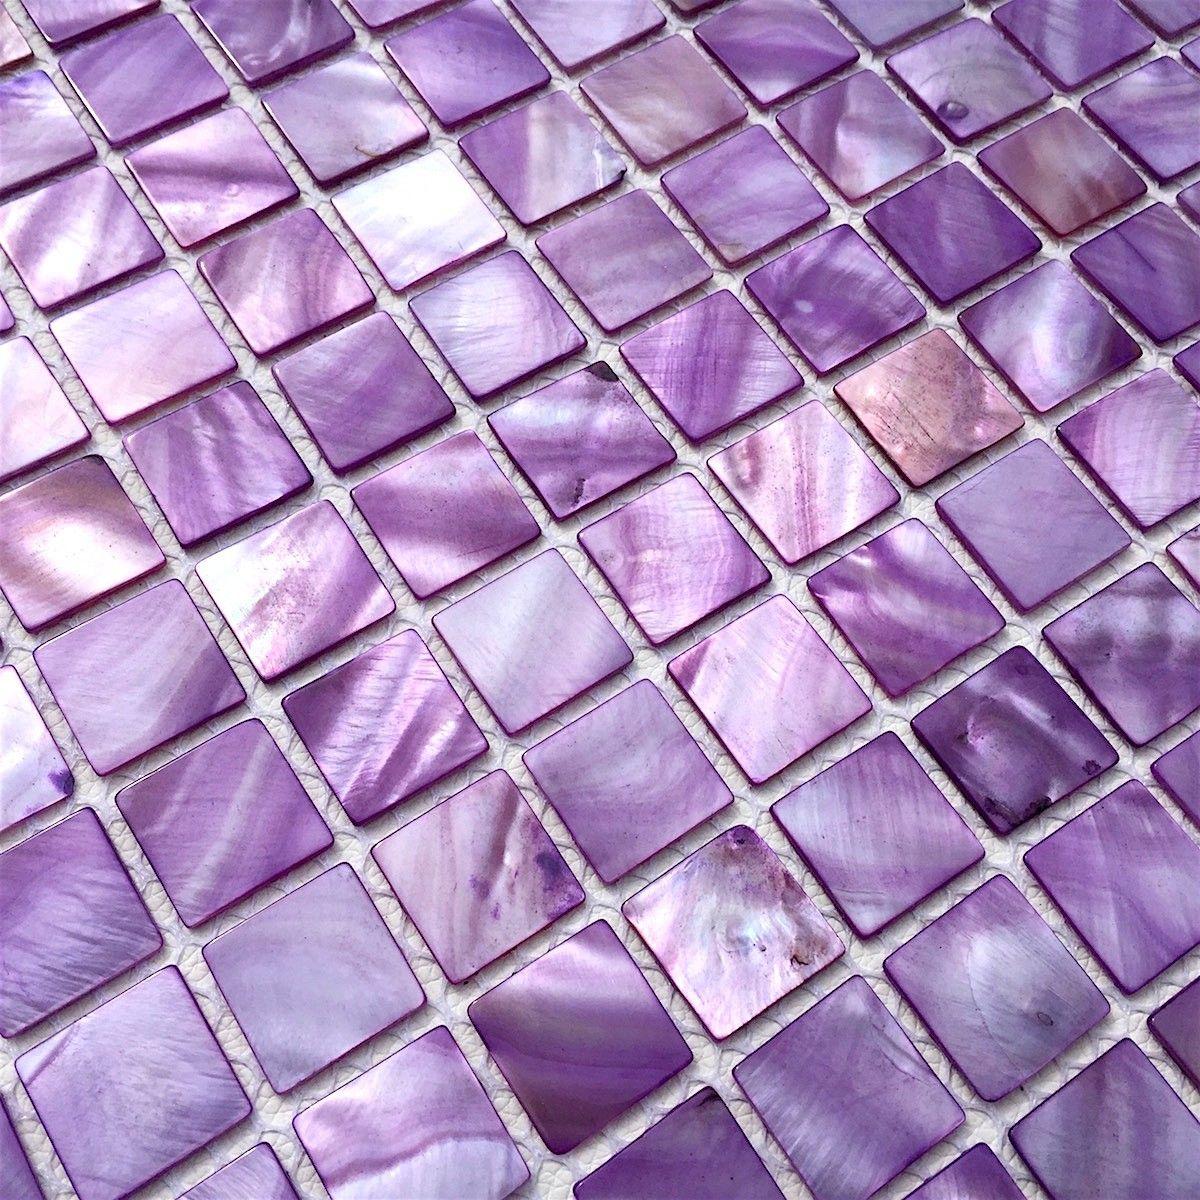 Mosaique Pour Sol Et Mur Douche Et Sdb 1m2 Odyssee Violet Carrelage Mosaique Carrelage Mosaique Carreaux De Mosaique De Verre Mosaique